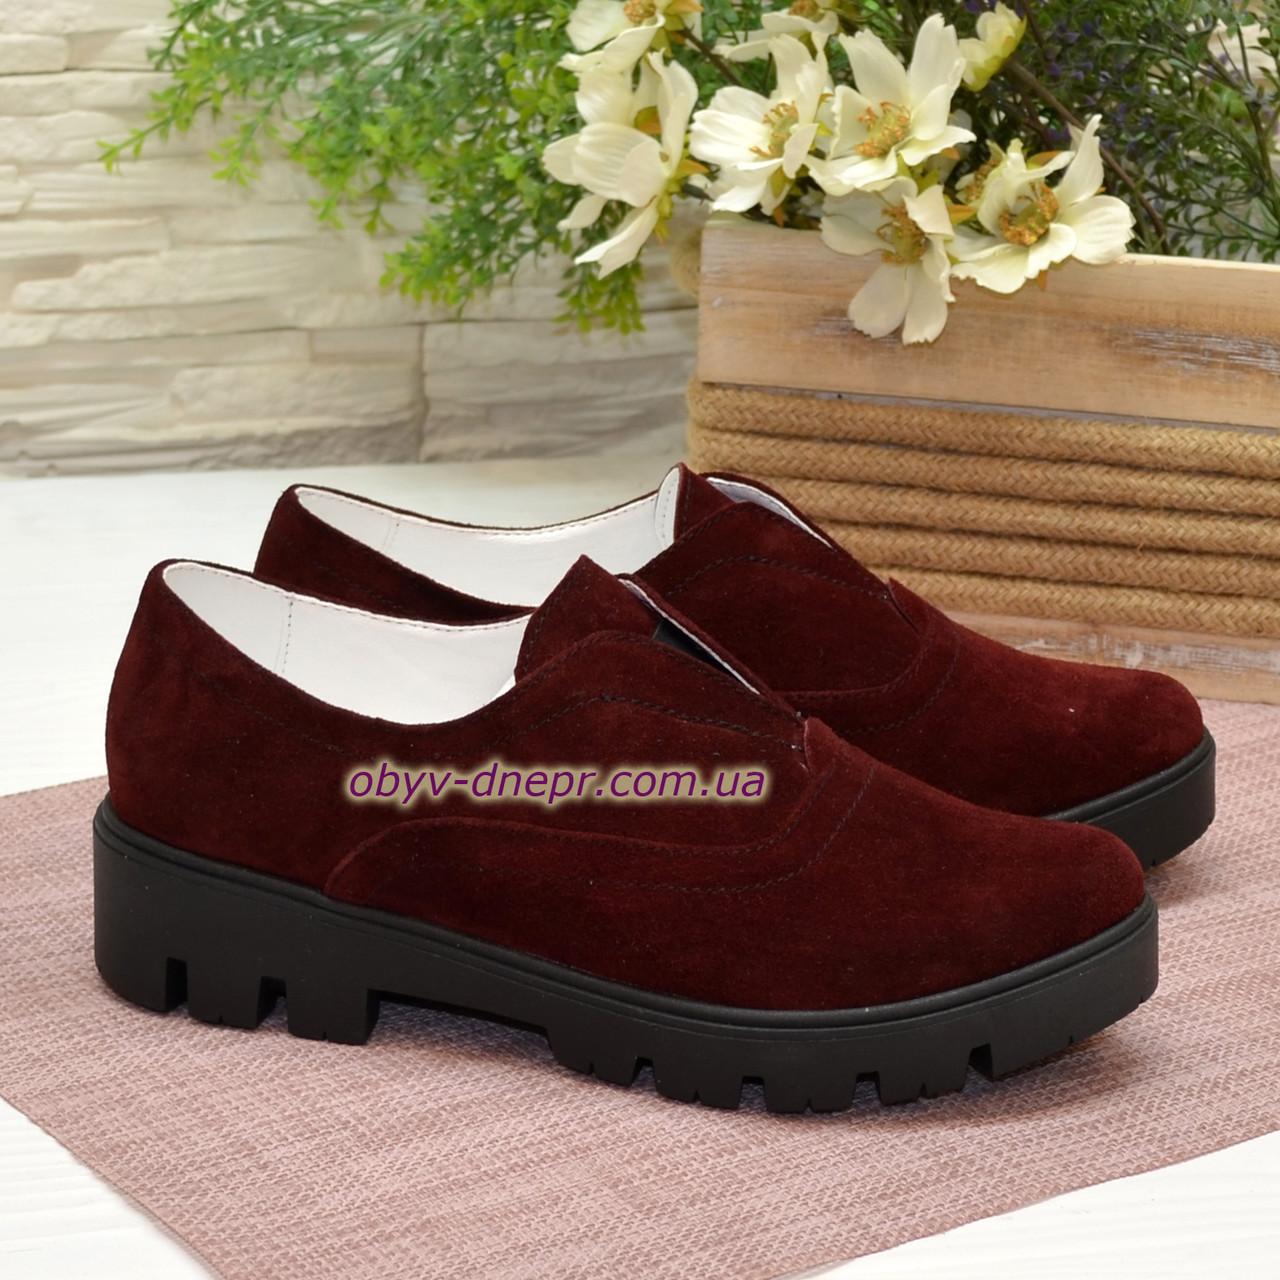 Женские замшевые туфли на утолщенной подошве, цвет бордо